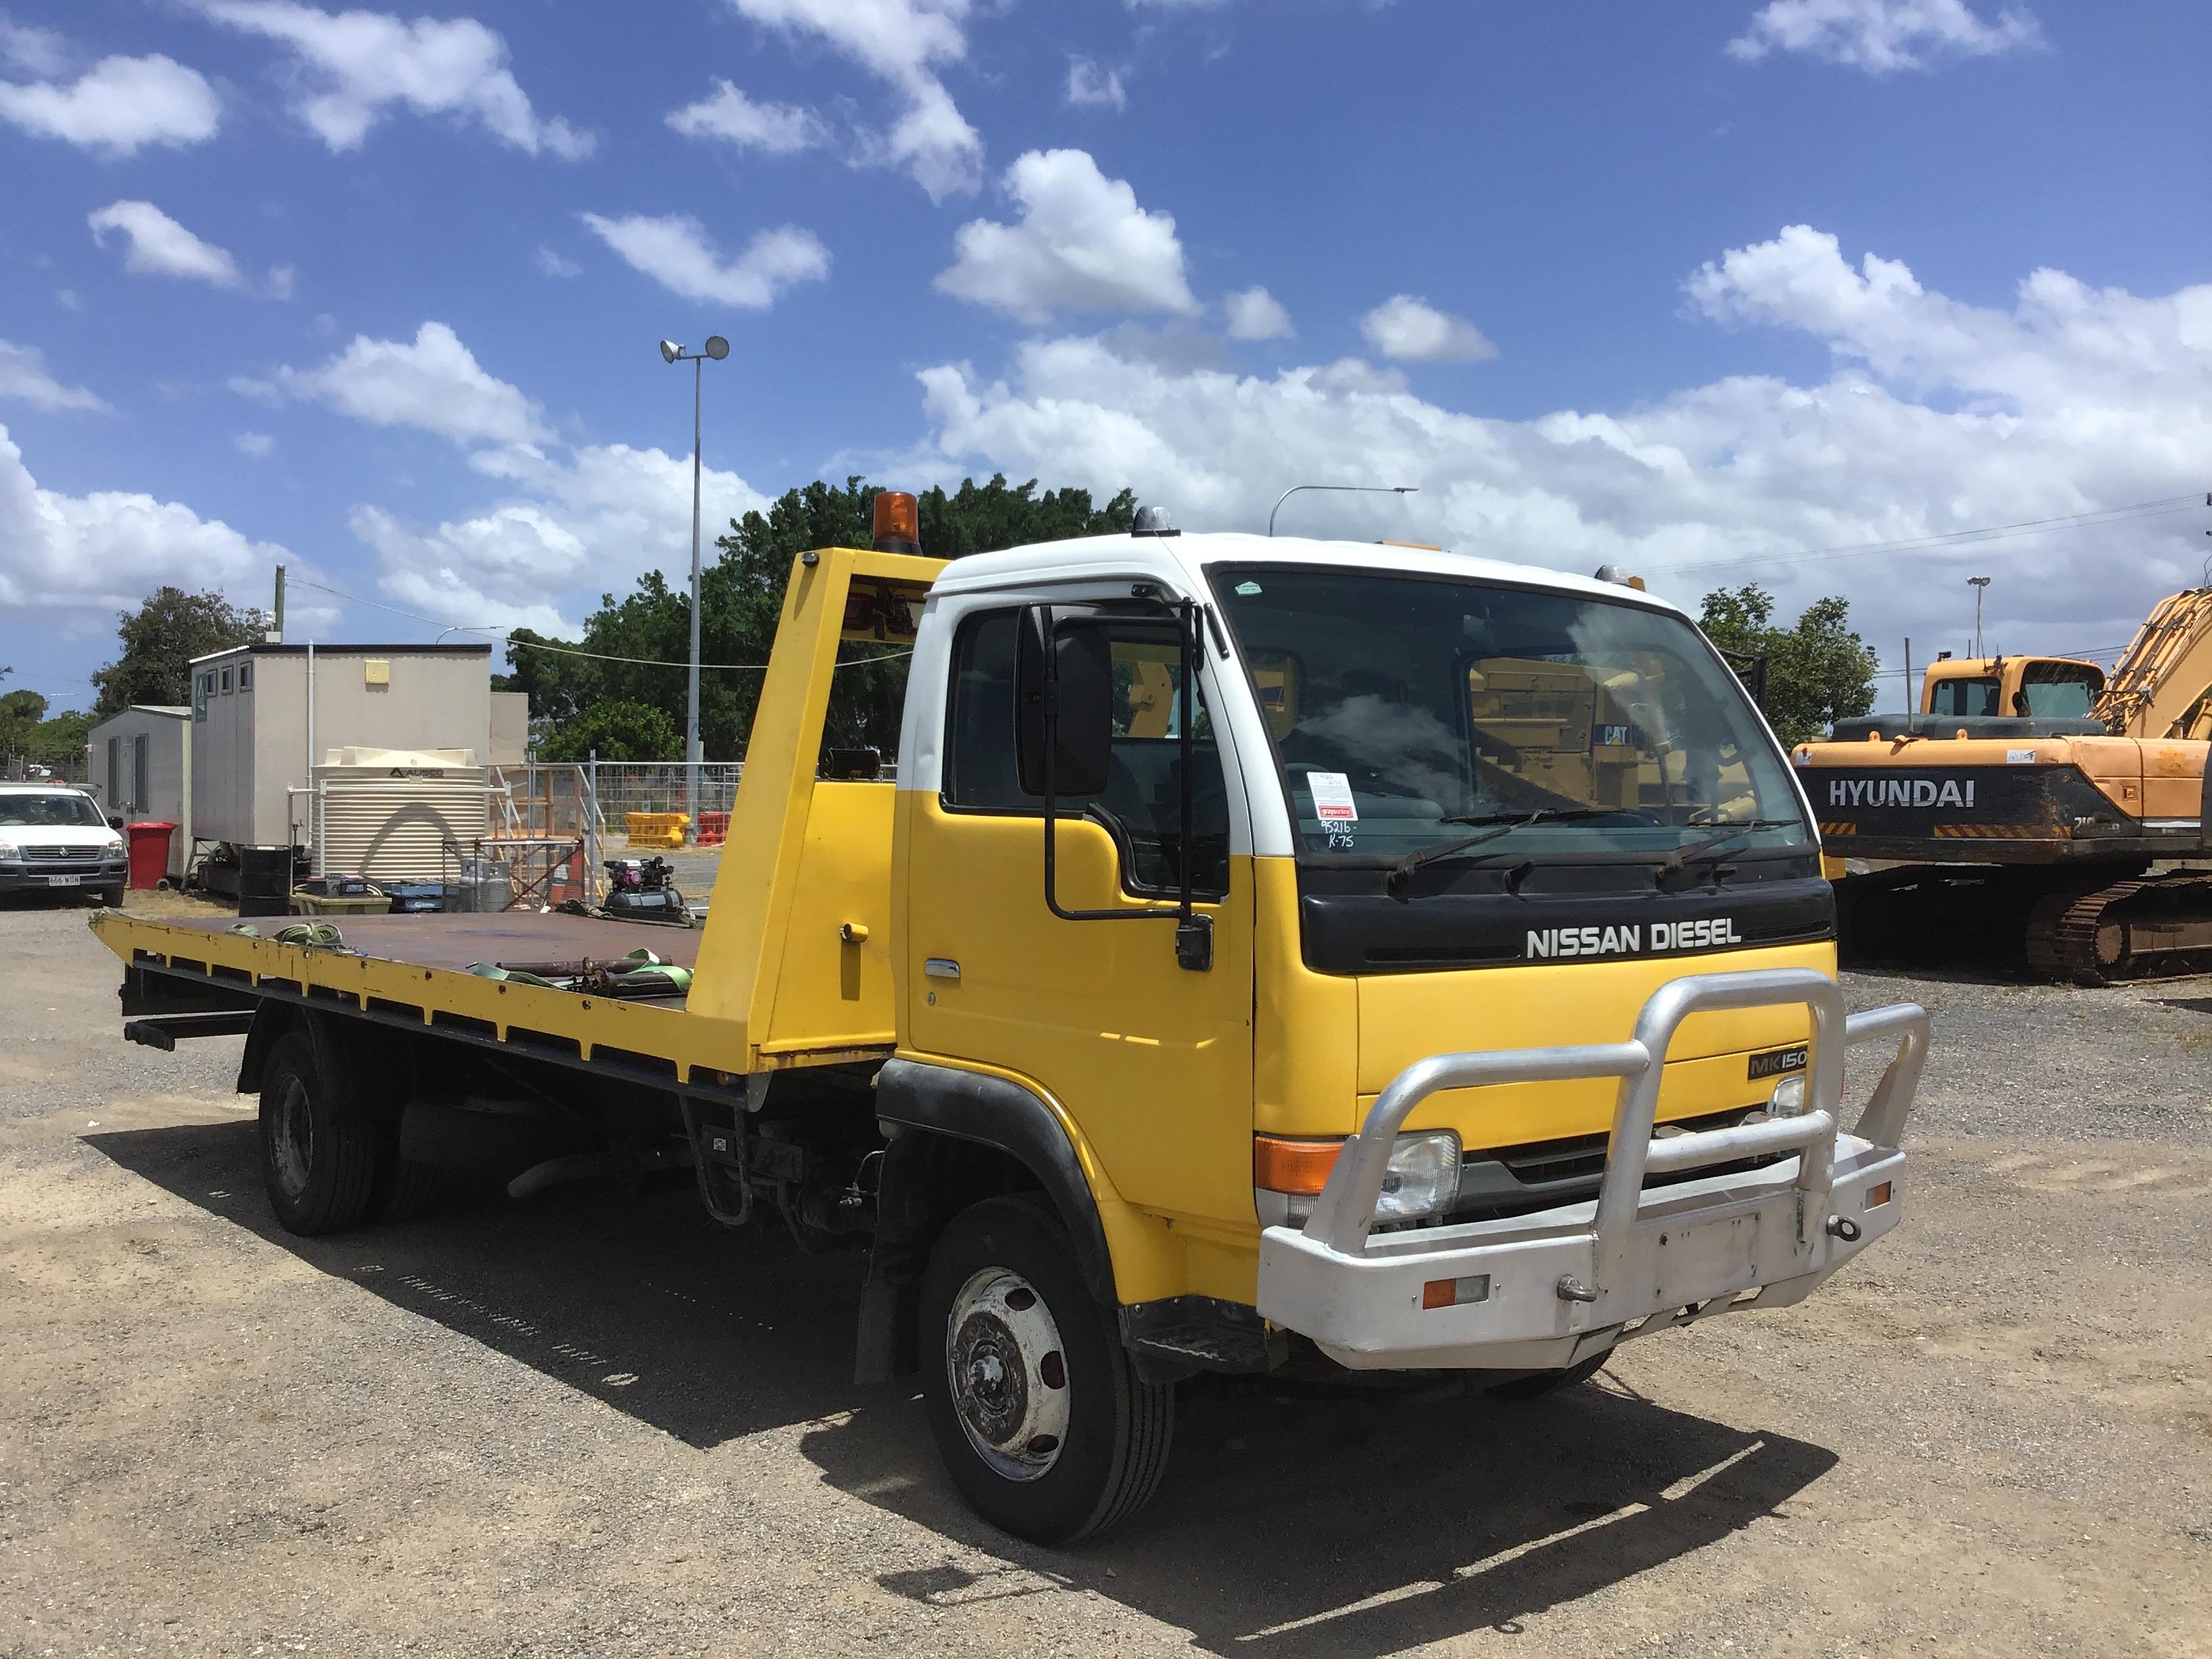 2002 U.D. MK 150 4 x 2 Tilt Tray Truck